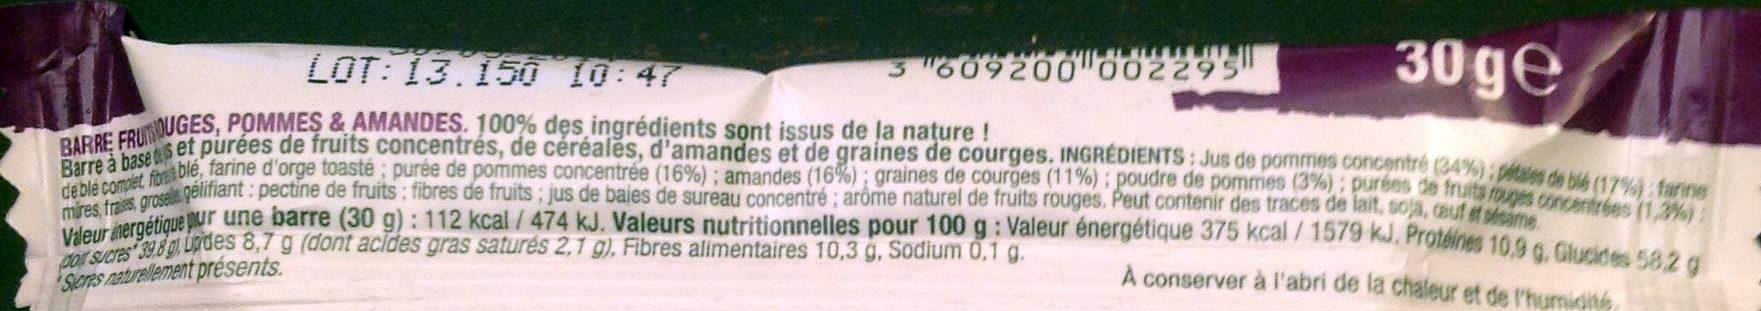 Barre Fruits rouges, pommes & amandes - Ingredients